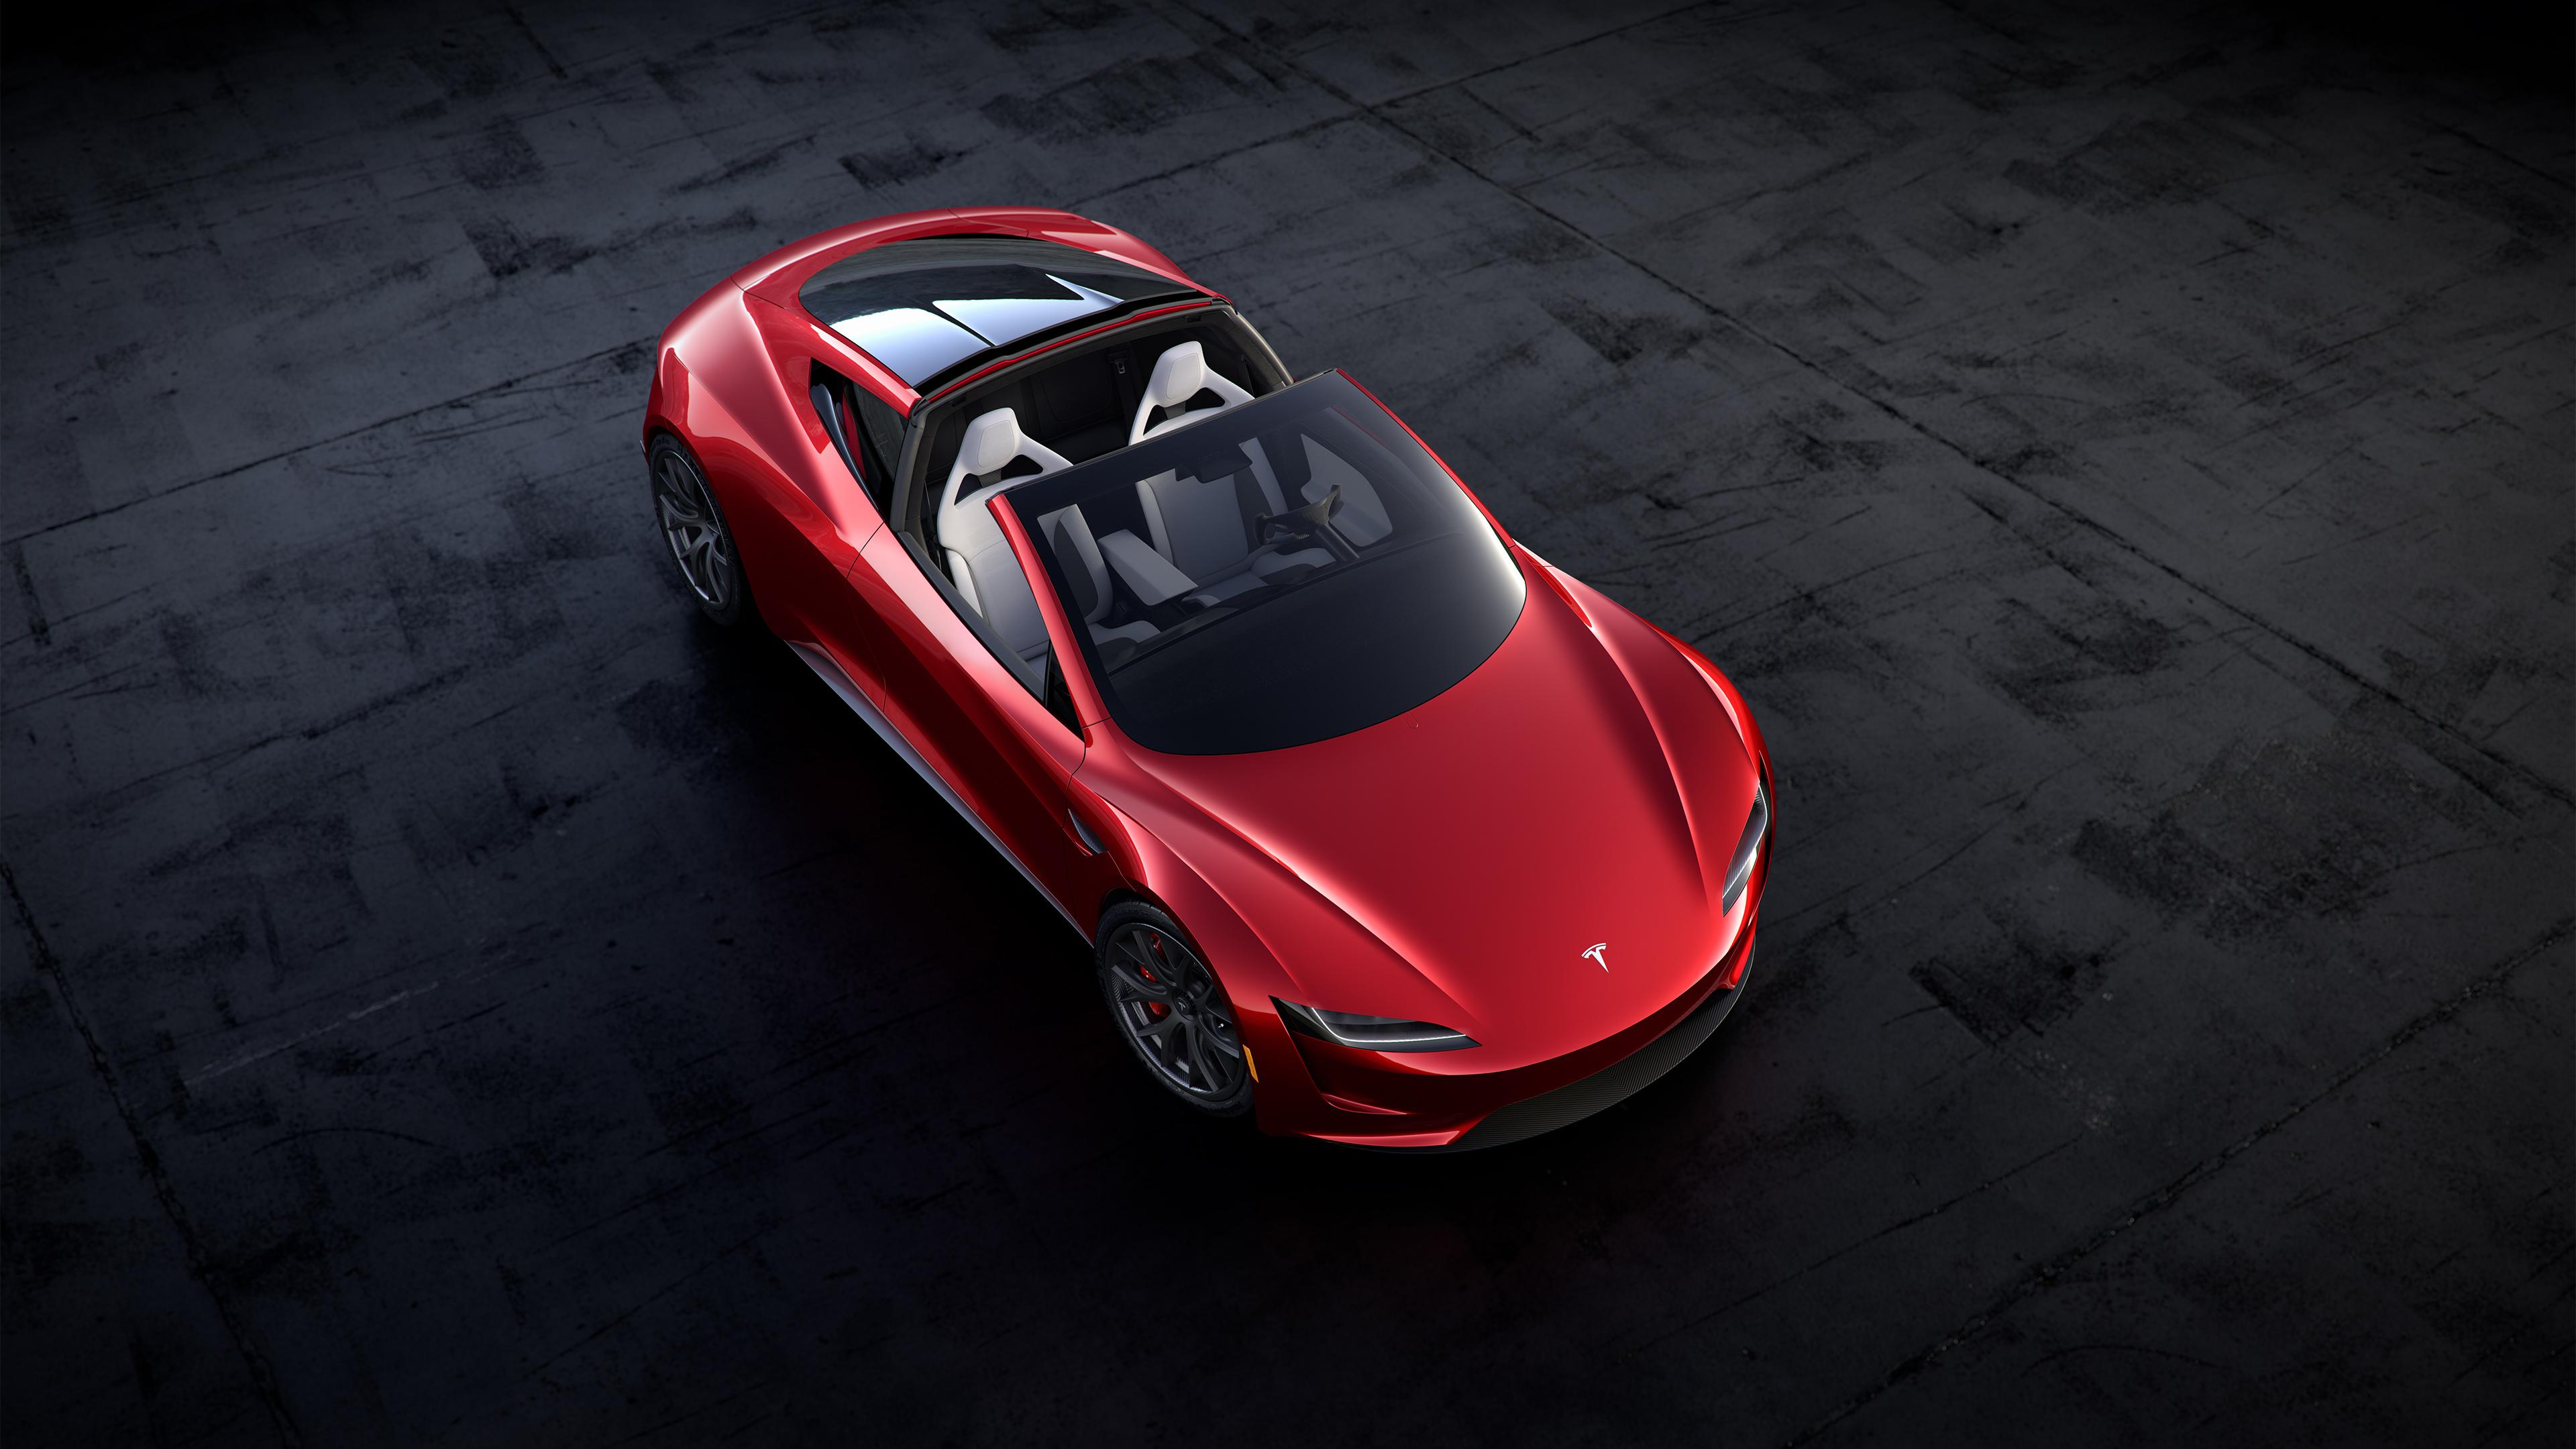 2020 Tesla Roadster 4k Wallpaper Hd Car Wallpapers Id 9108